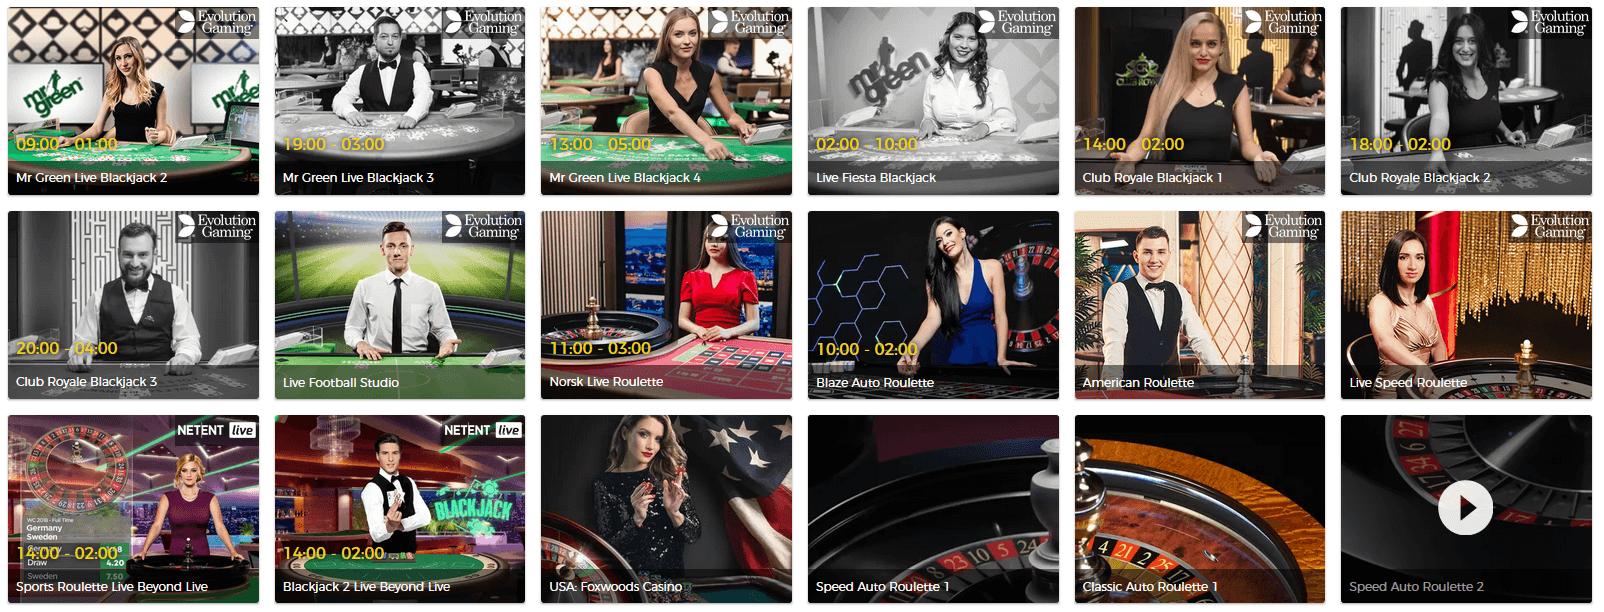 Live Casino hos Mr Green